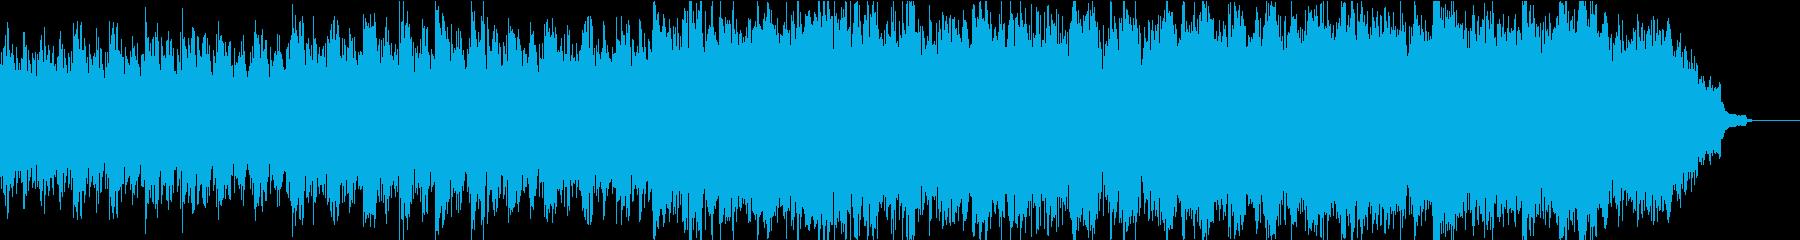 優しく感動的なピアノ+オケ③合唱ホルン抜の再生済みの波形